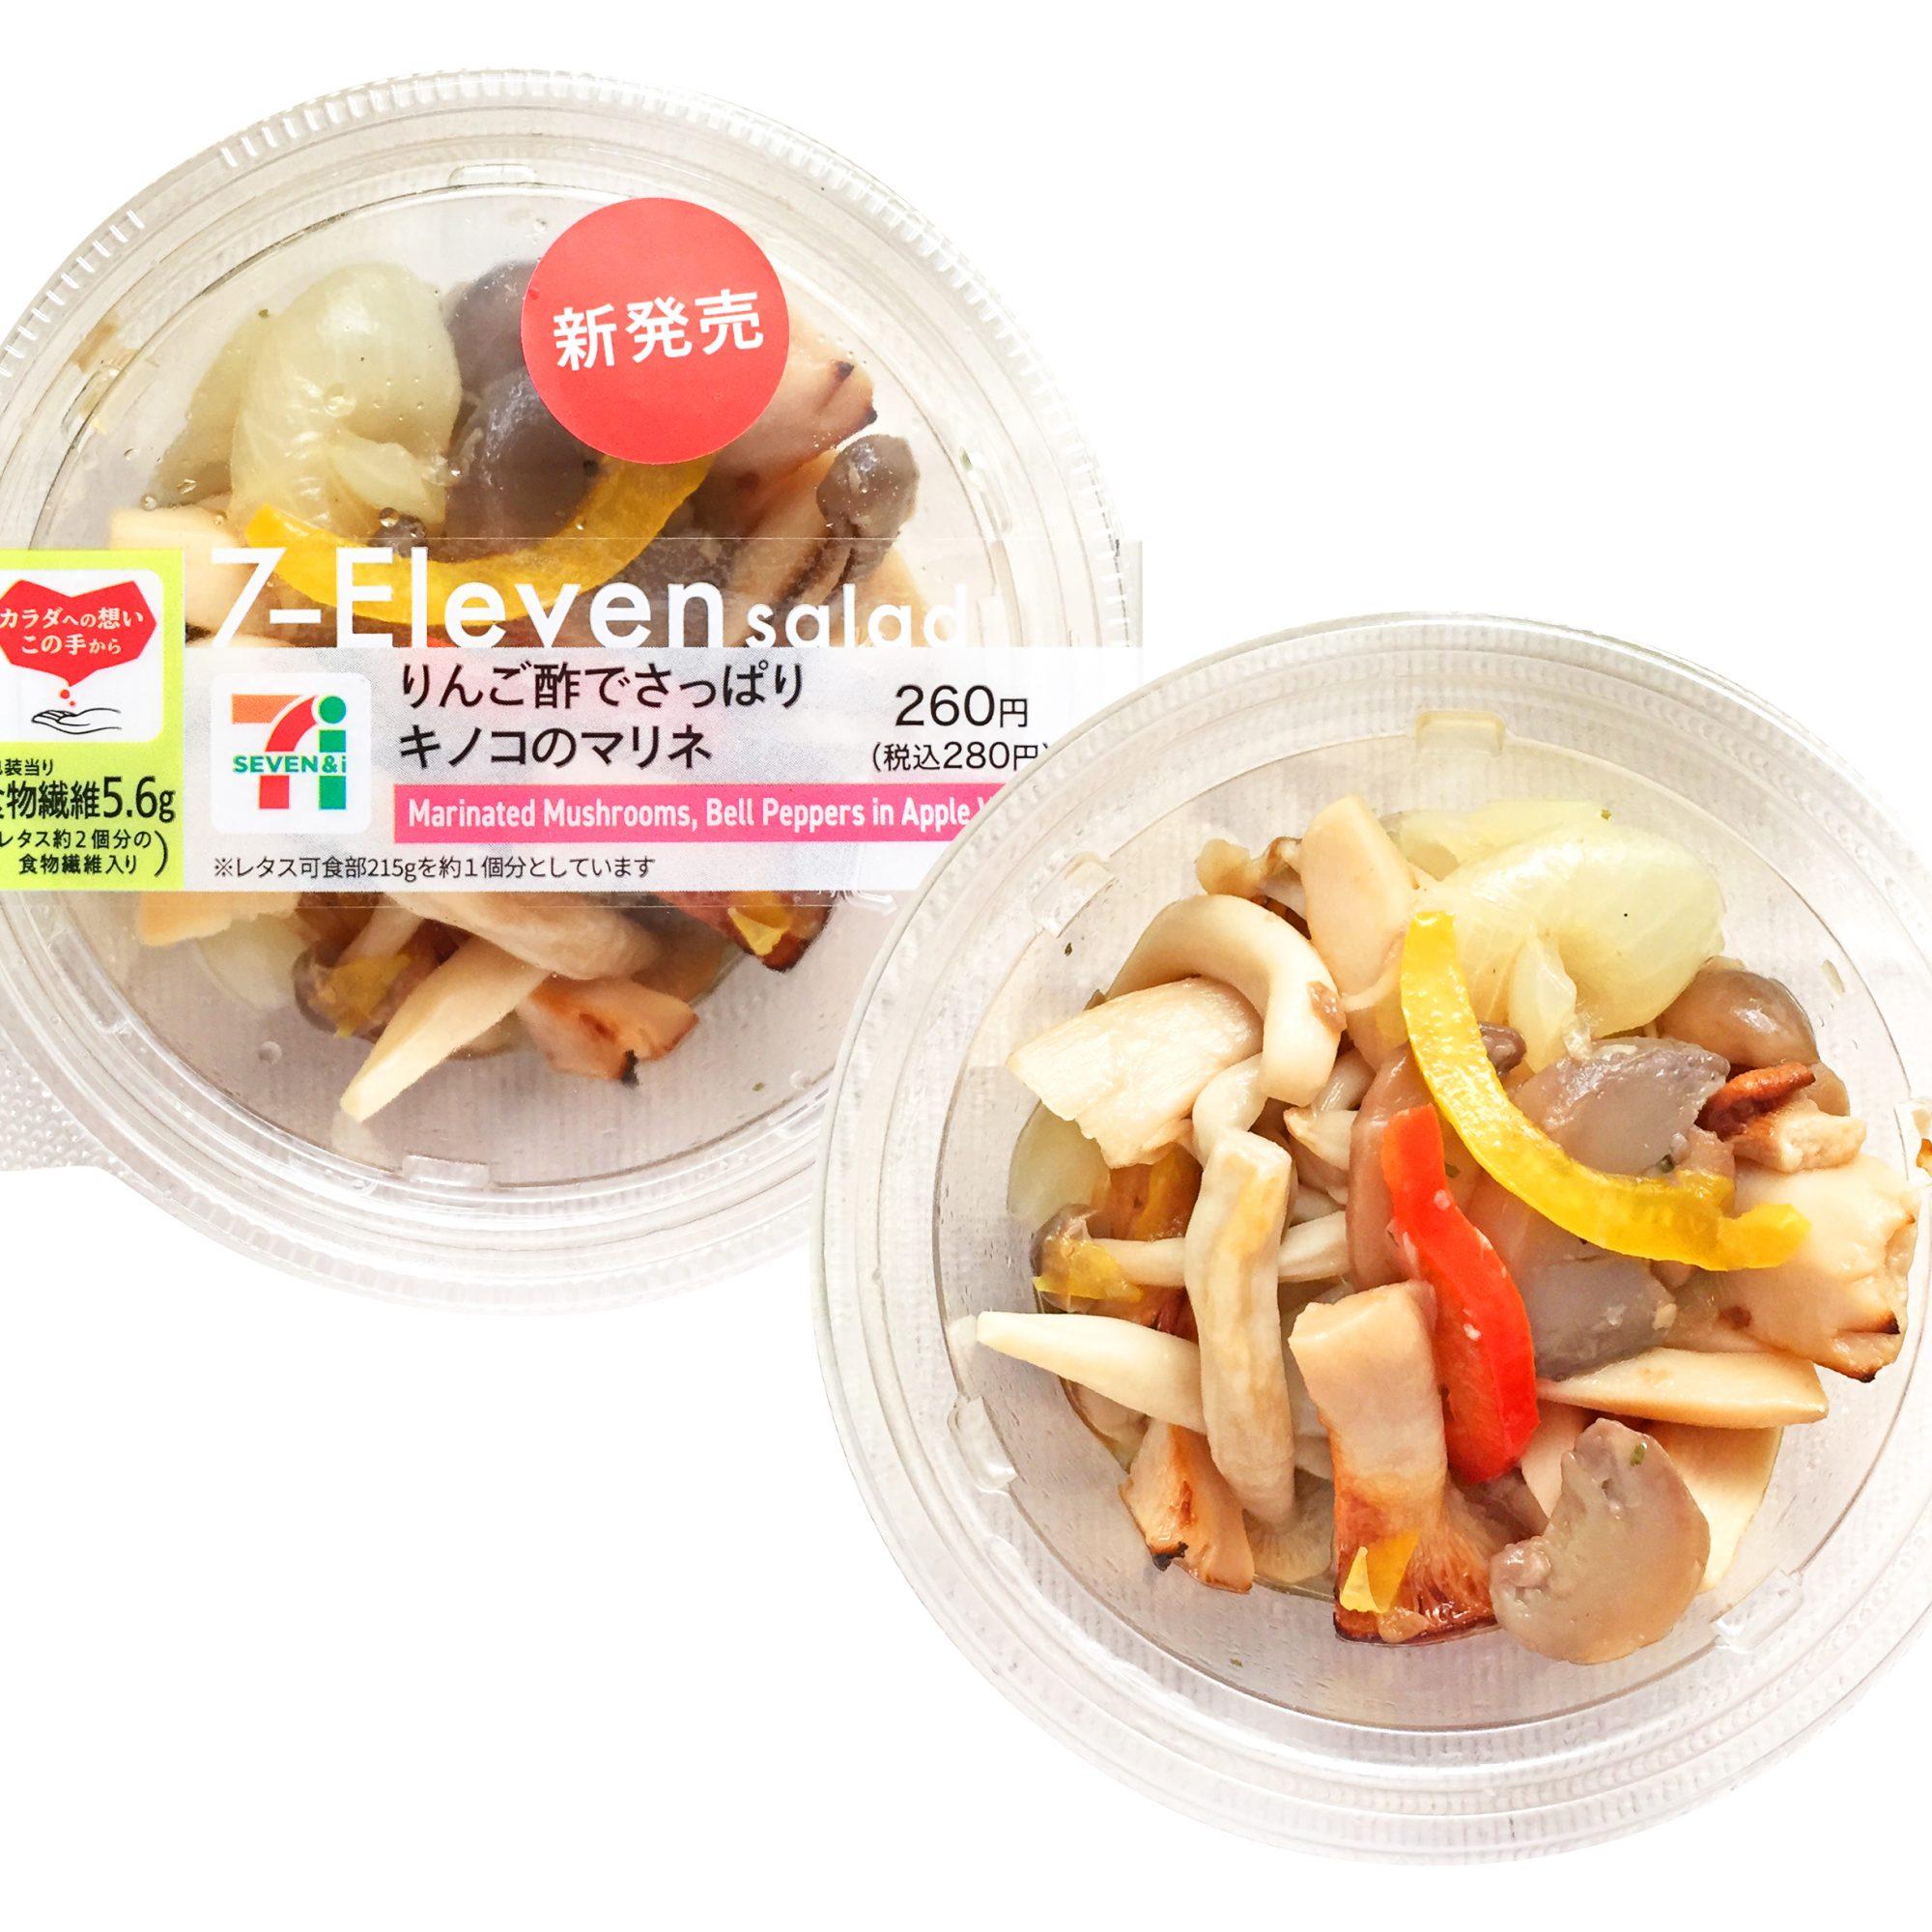 セブン-イレブン『りんご酢でさっぱり キノコのマリネ』は新鮮なきのこと野菜の食感が楽しく身体にも優しいのでダイエットにもオススメ!